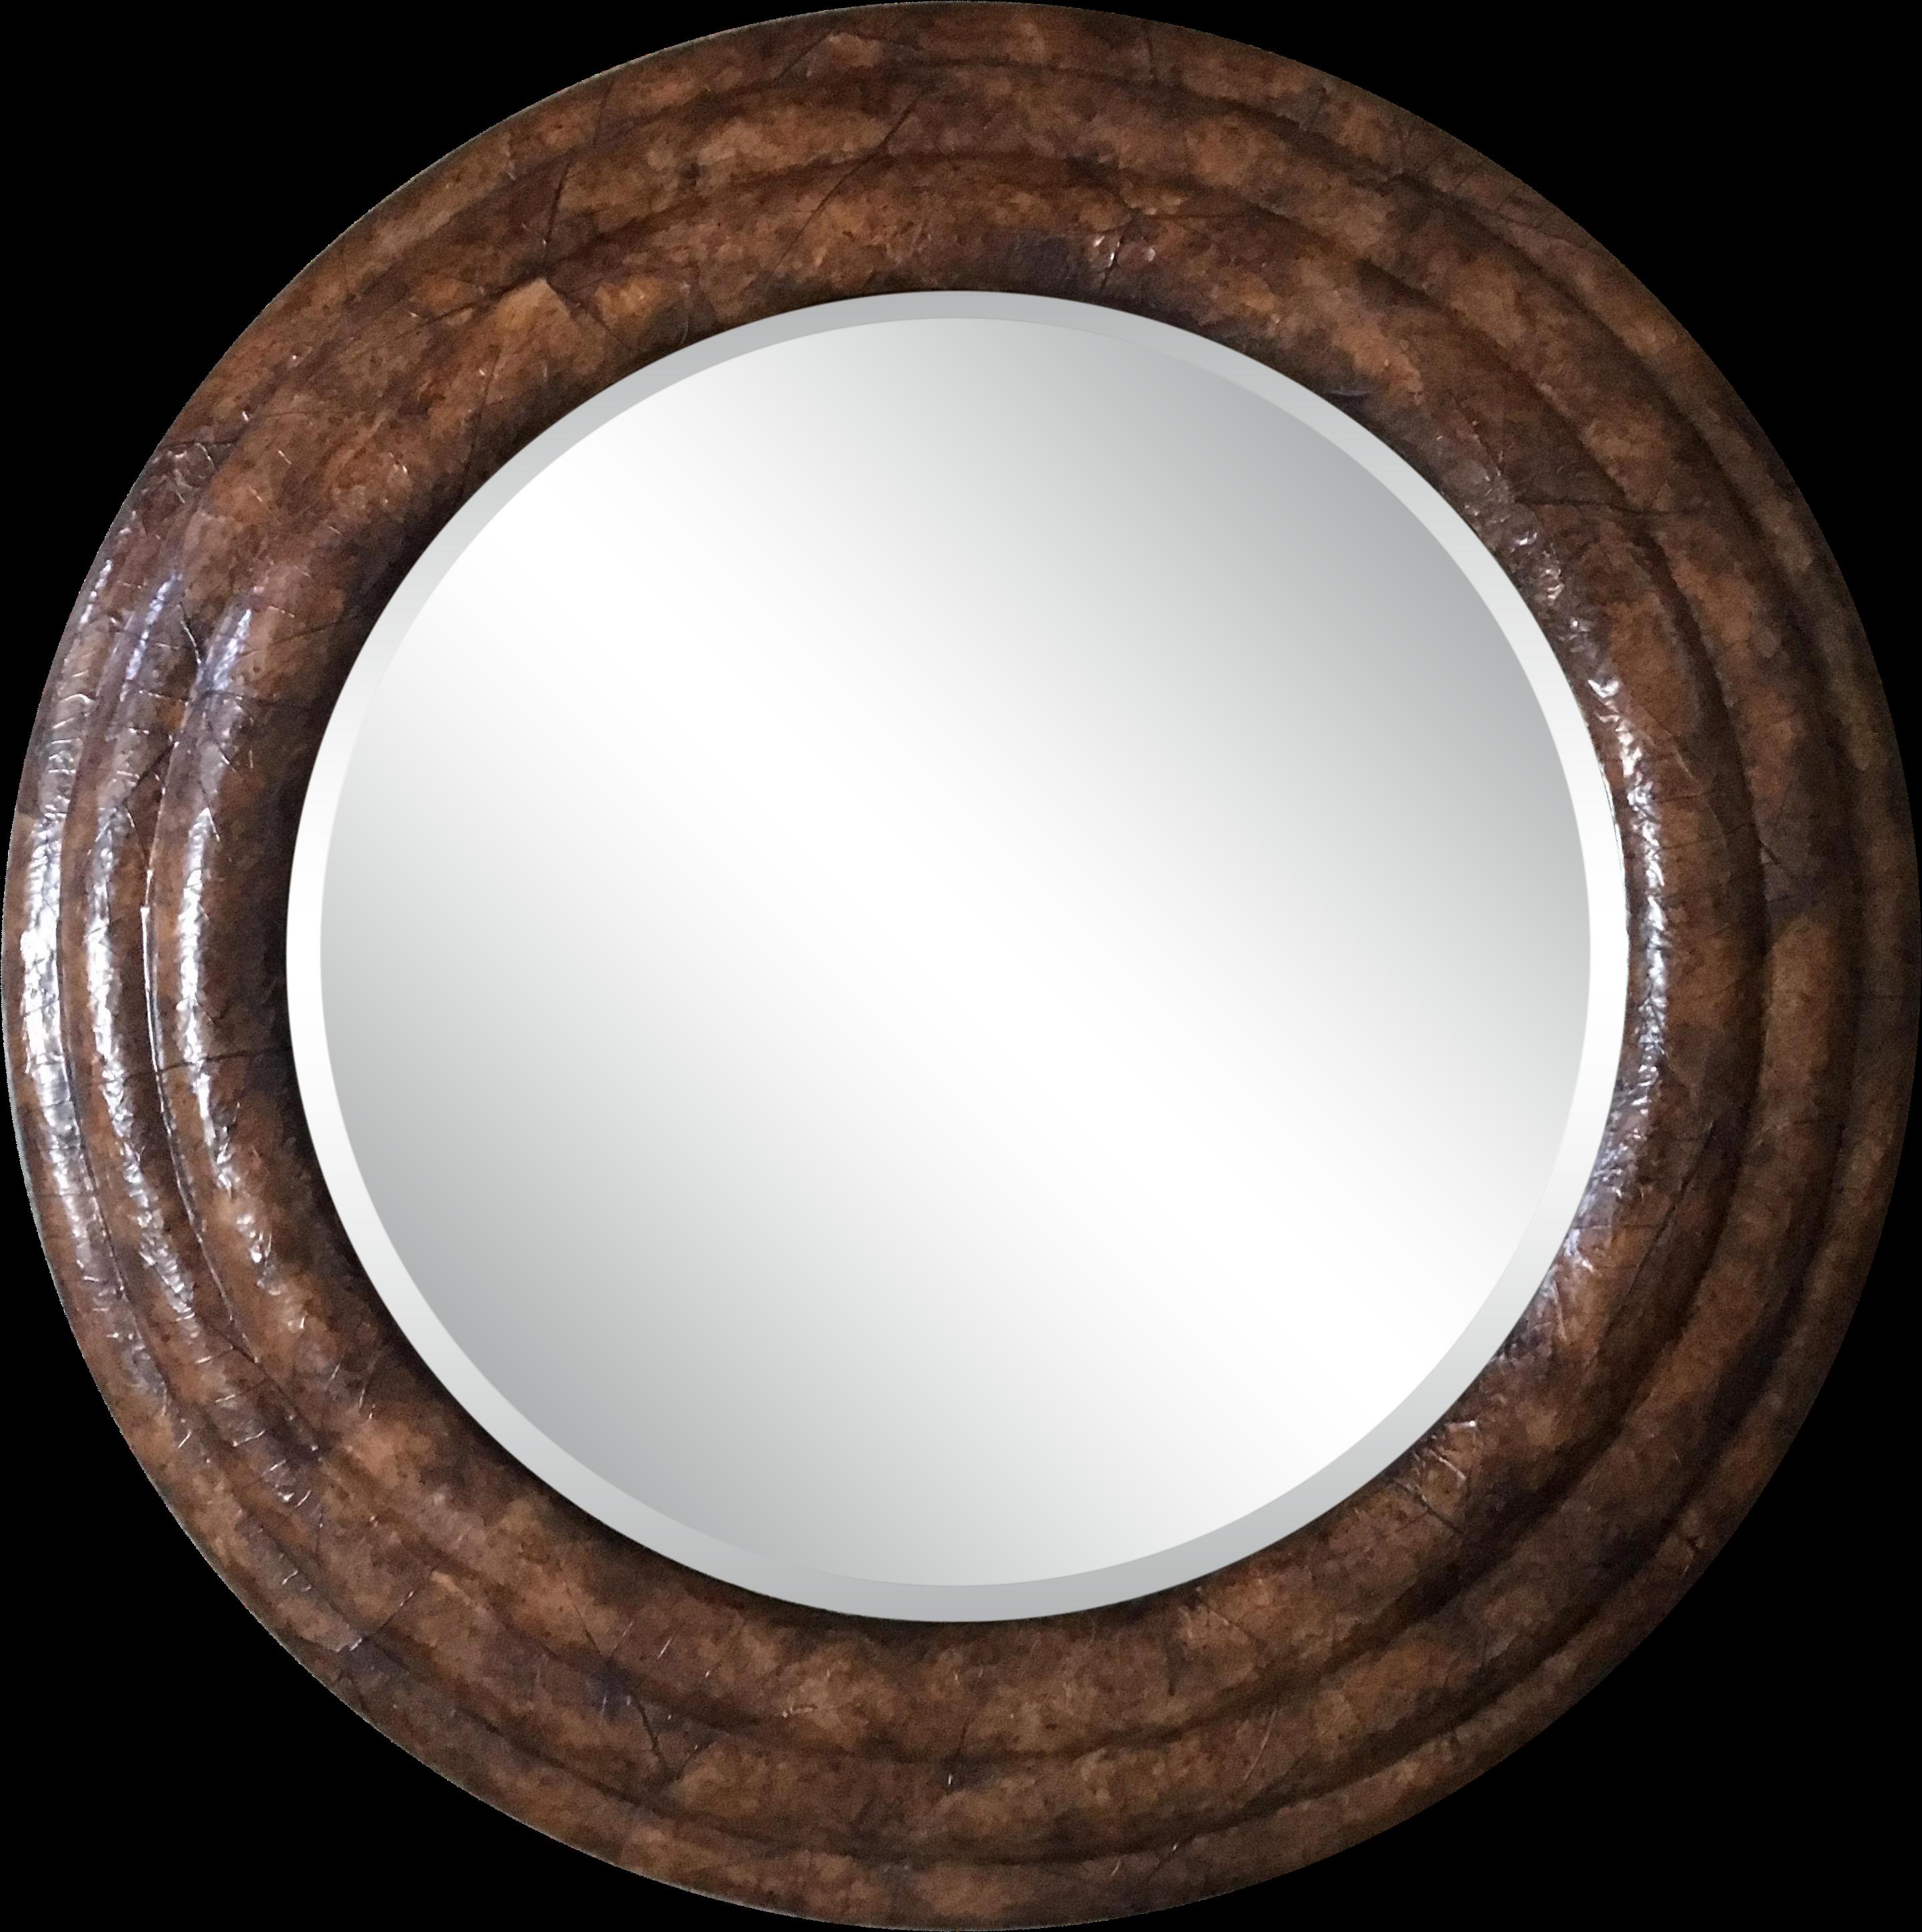 круглое зеркало в деревянной раме купить Clipart Full Size